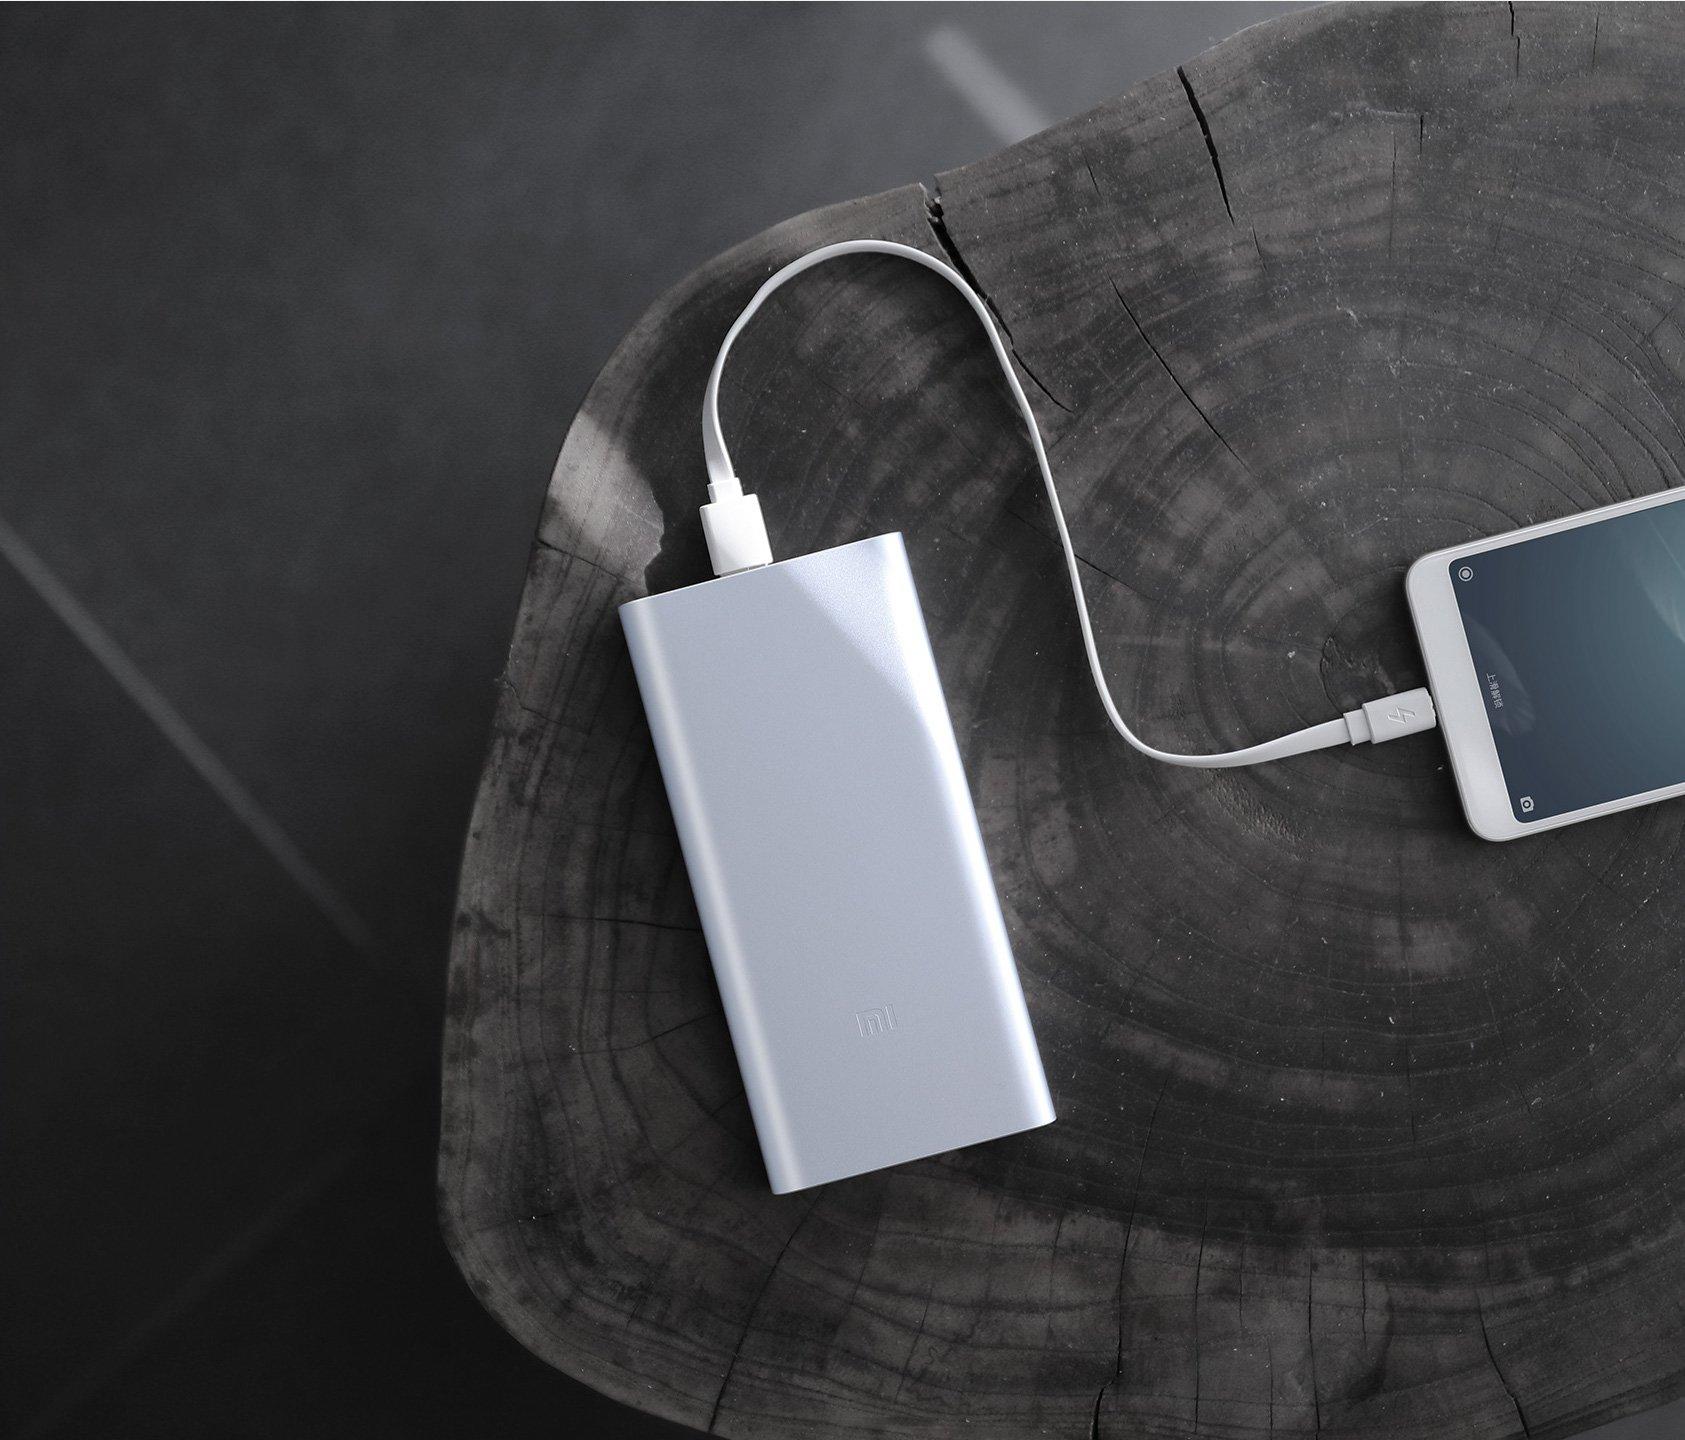 pin sạc dự phòng Xiaomi 2s 2018 10000 mAh